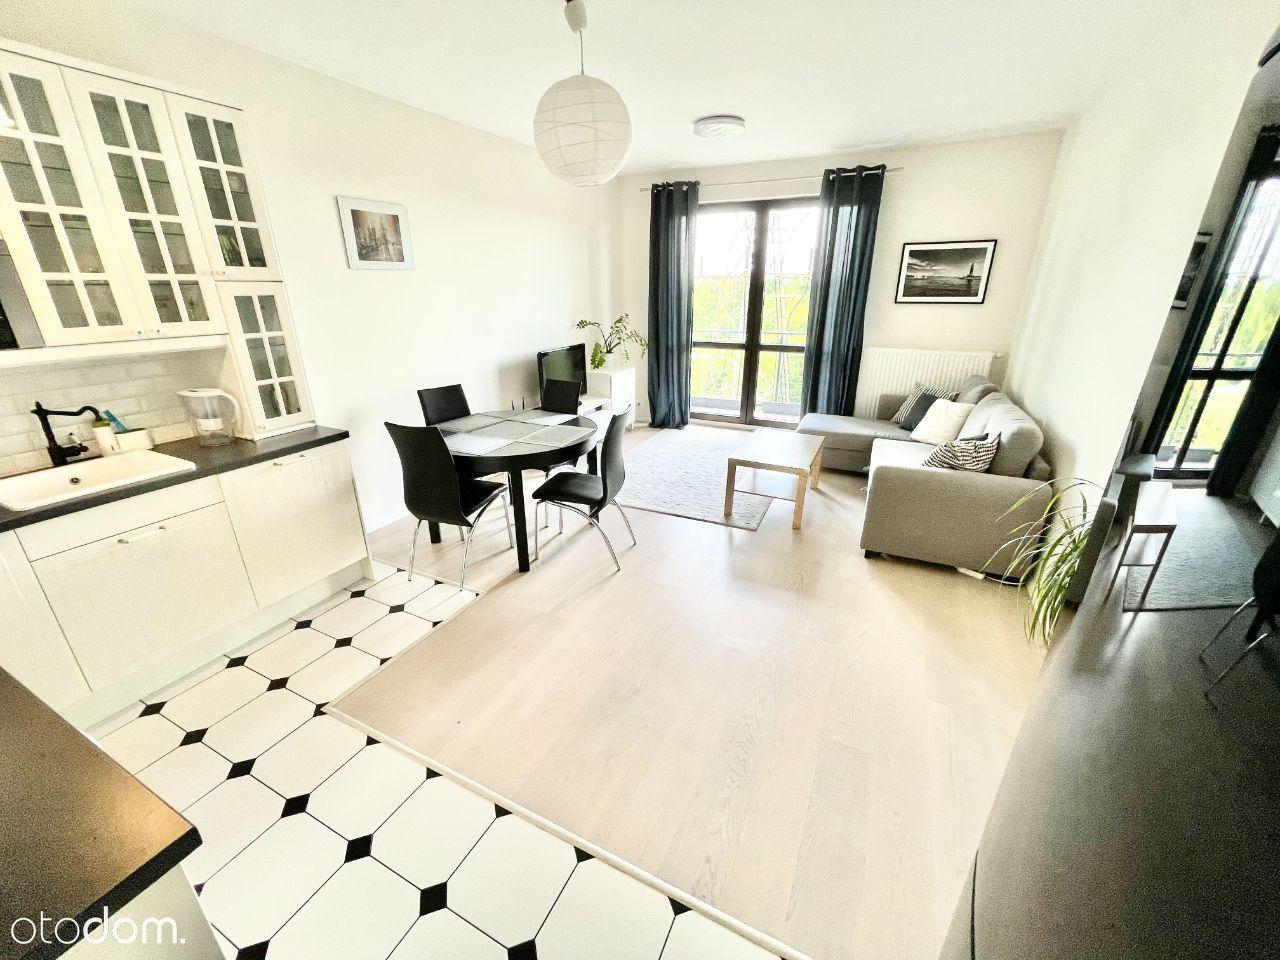 Mieszkanie 3-pokojowe do wynajmu dostępne od 1.07